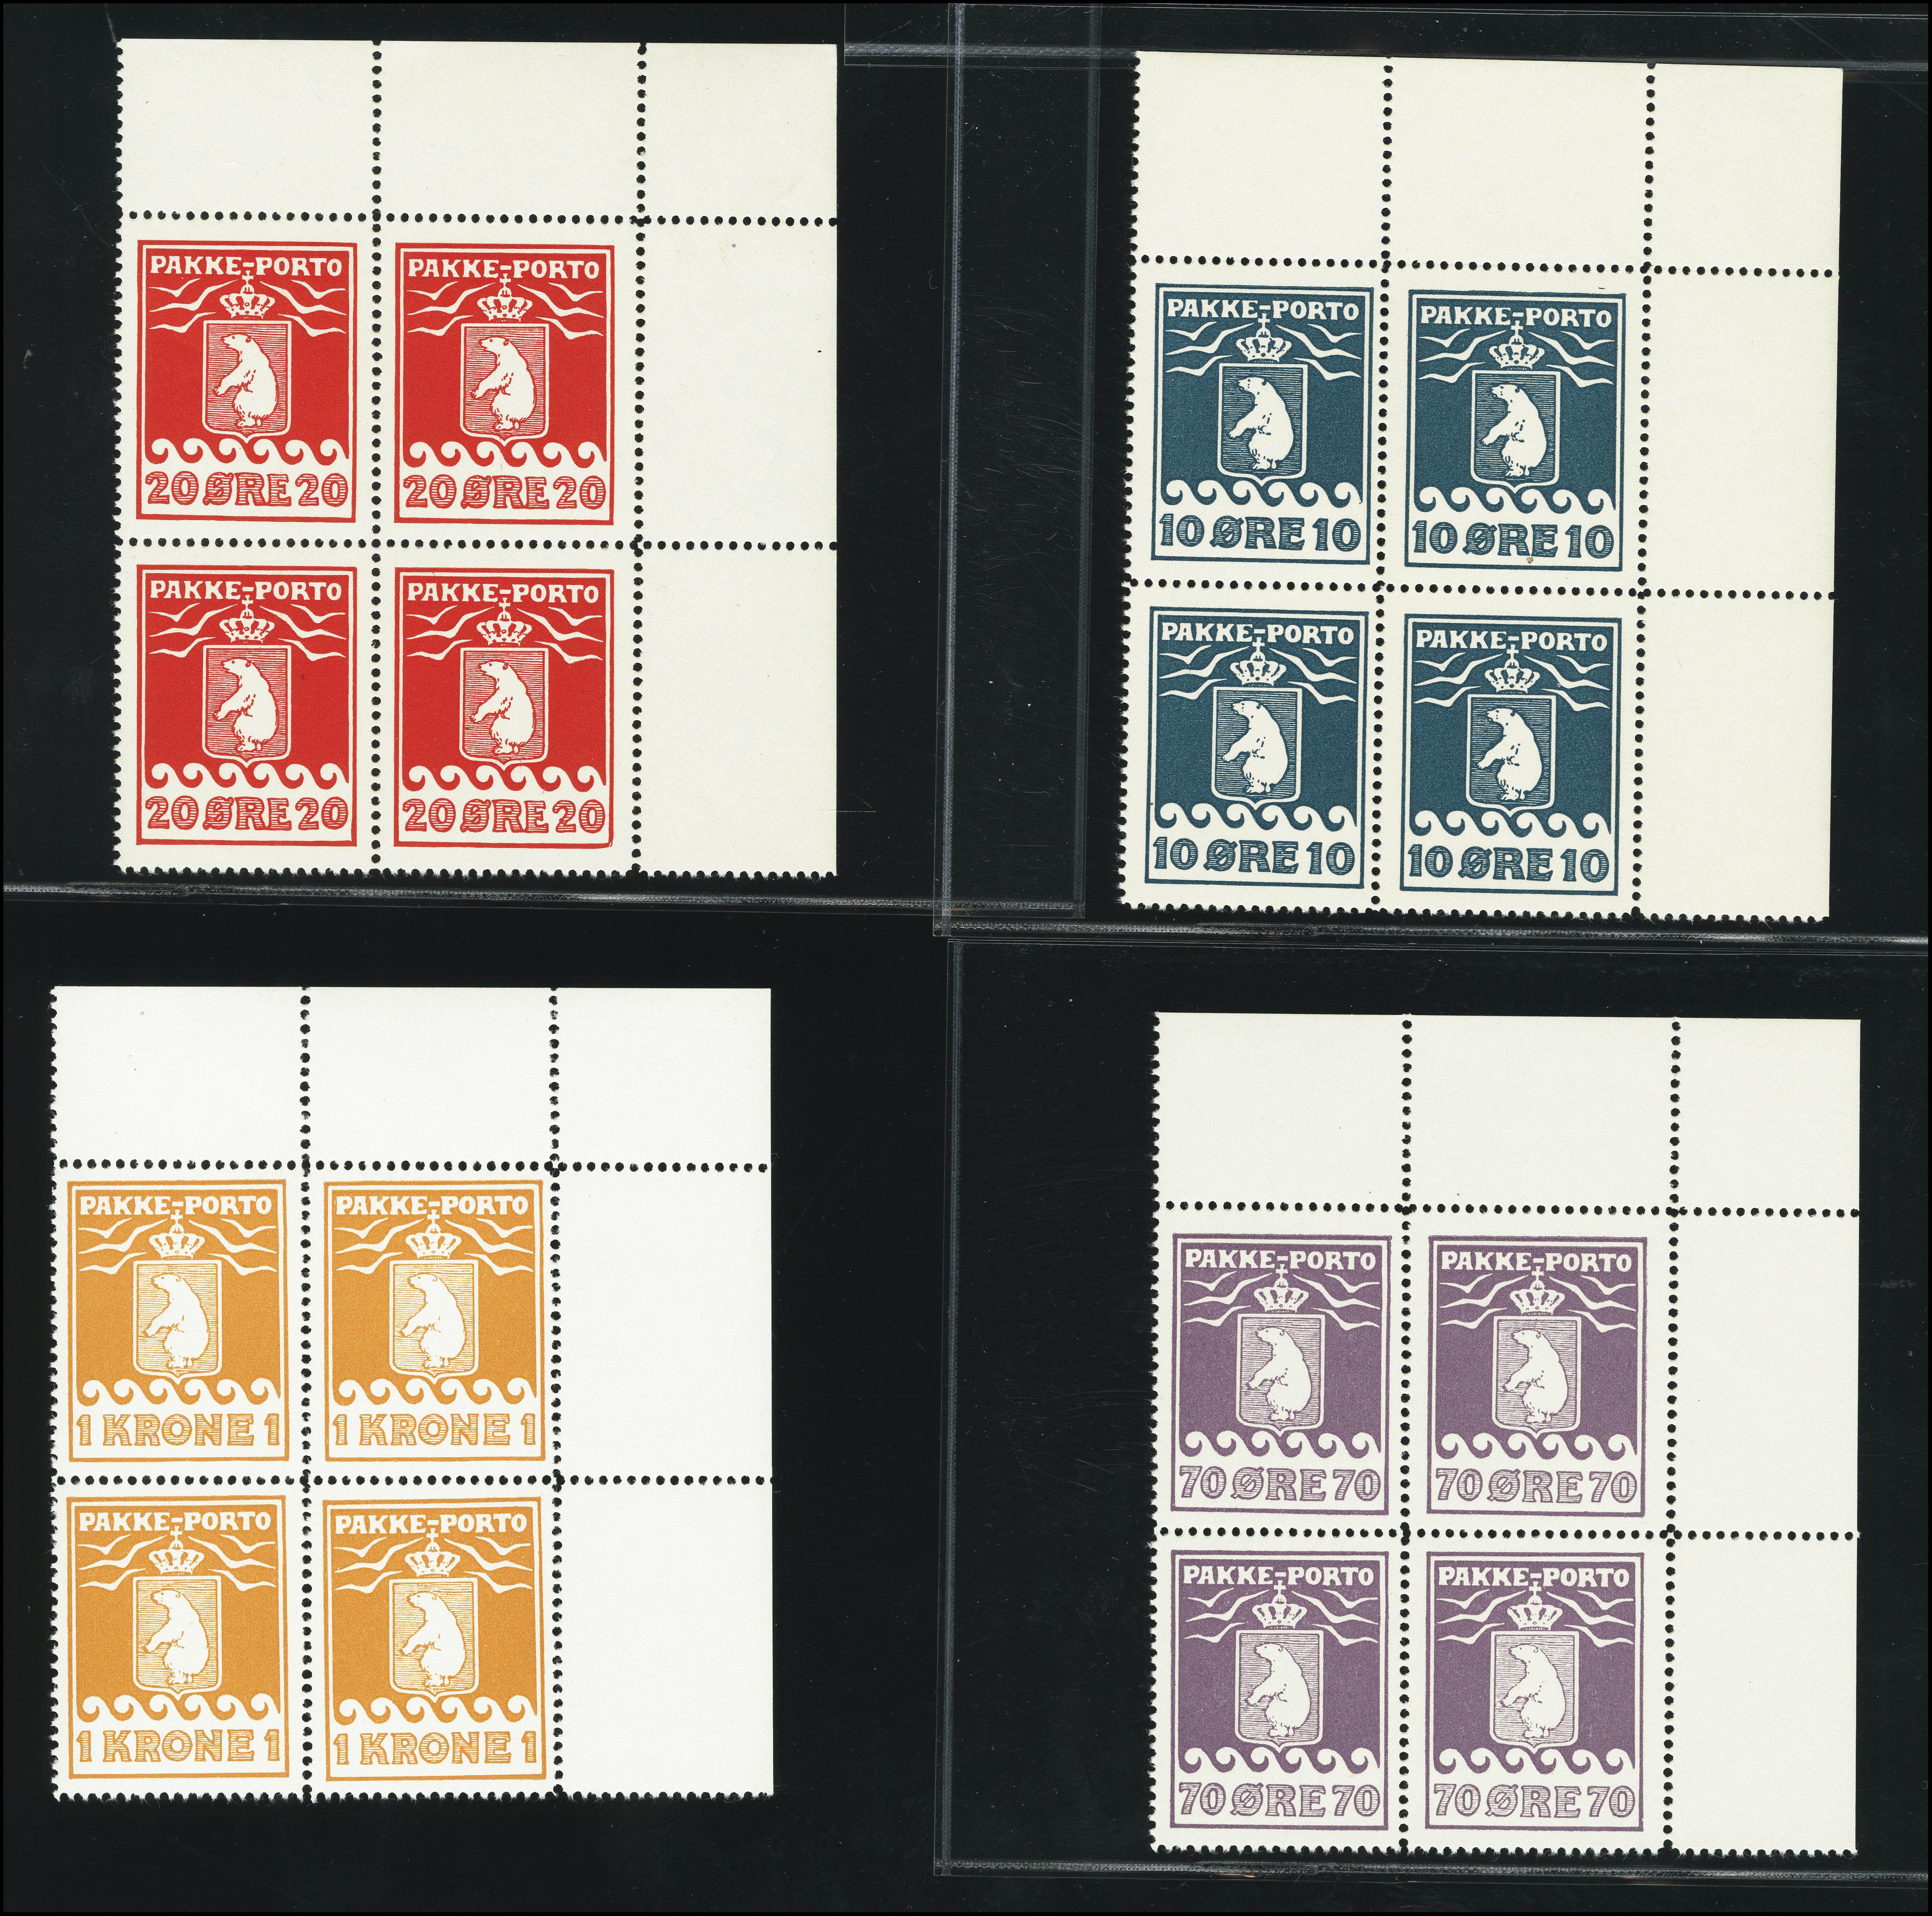 Lot 1133 - Greenland Greenland - Pakke Porto -  Heinrich Koehler Auktionen Heinrich Köhler Auction 376 - Day 1